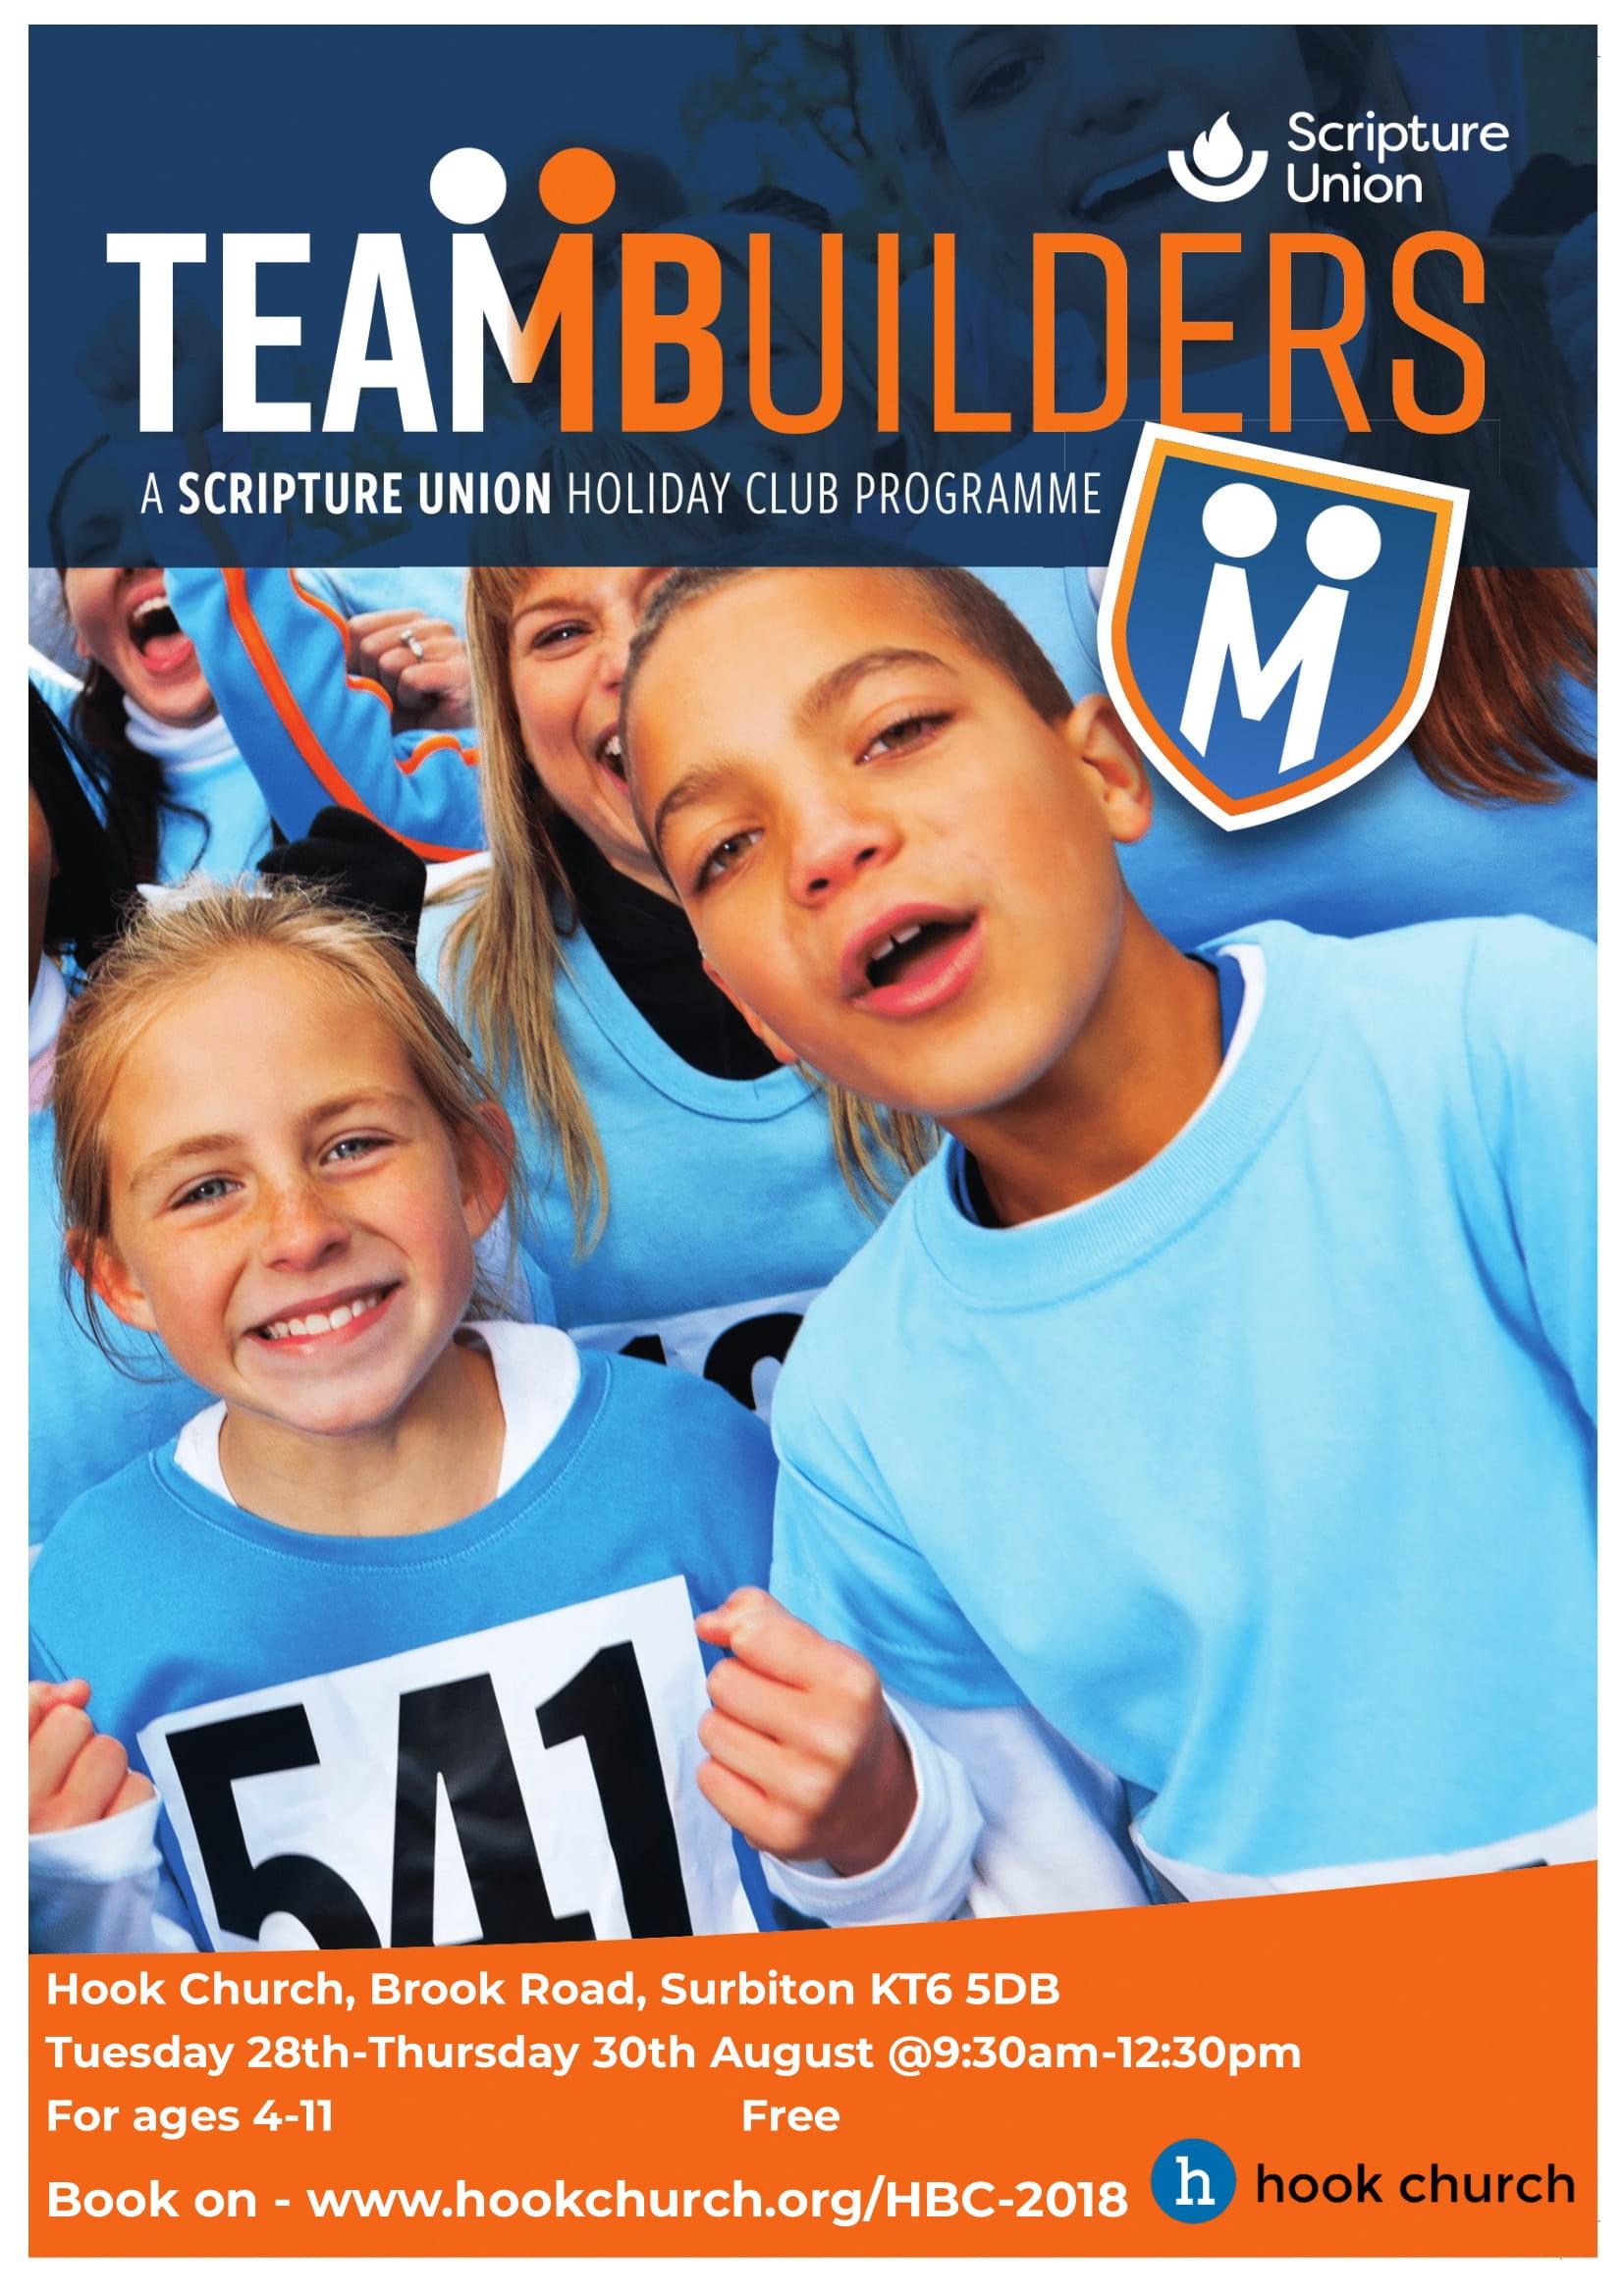 Teambuilders poster FINAL-1.jpg